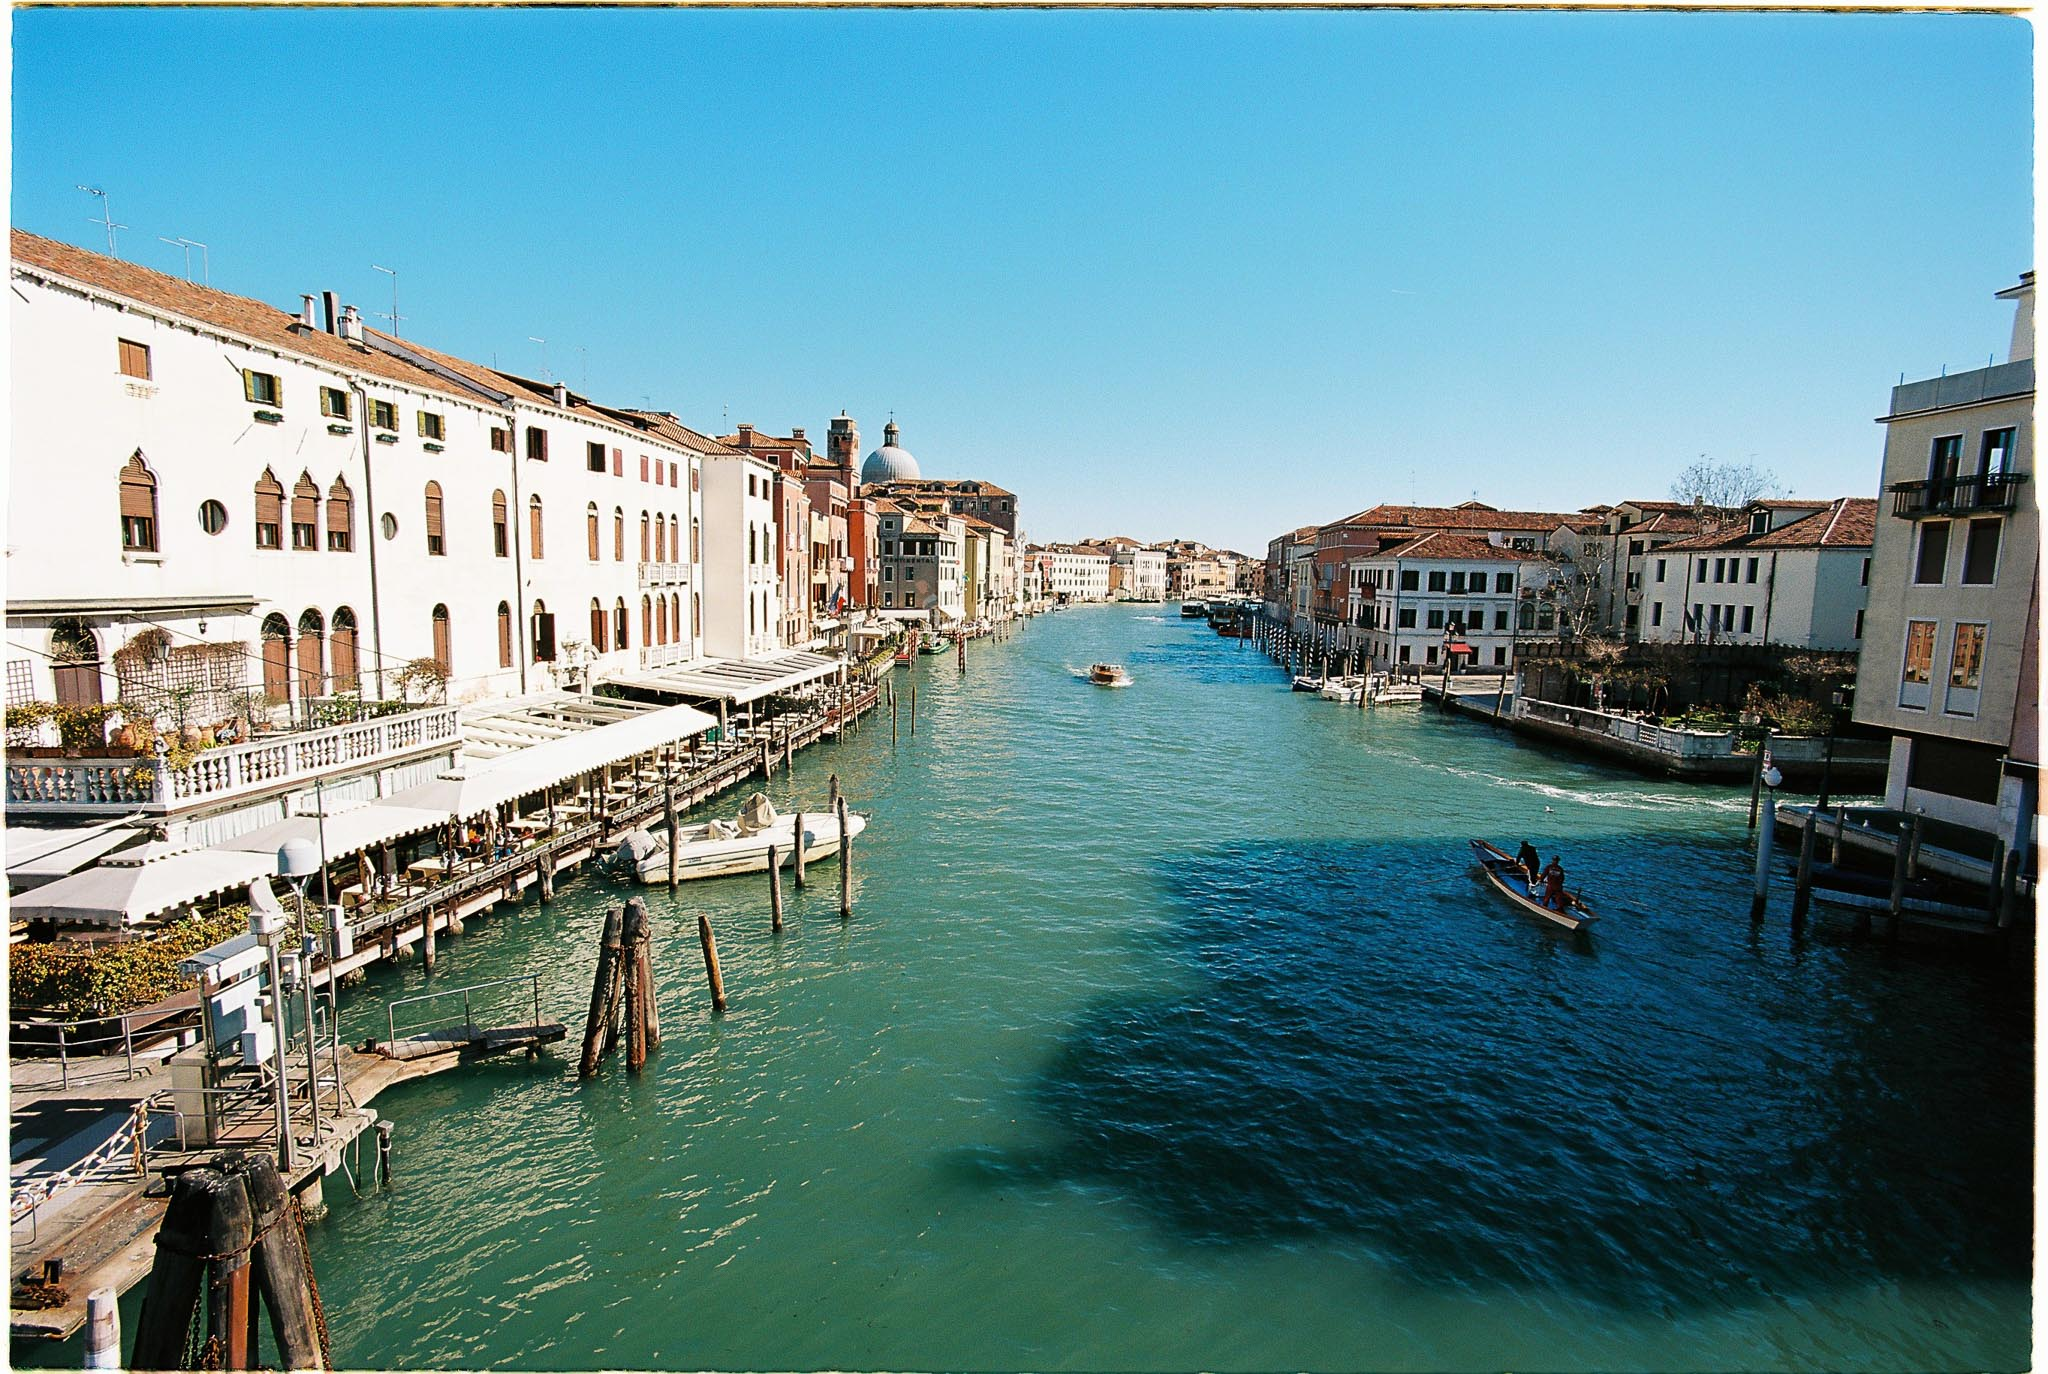 Venice Grad canal Film phtography Nikon F100 Zeiss distagon 18mm F3.5 ZF Kodak Ektar 100